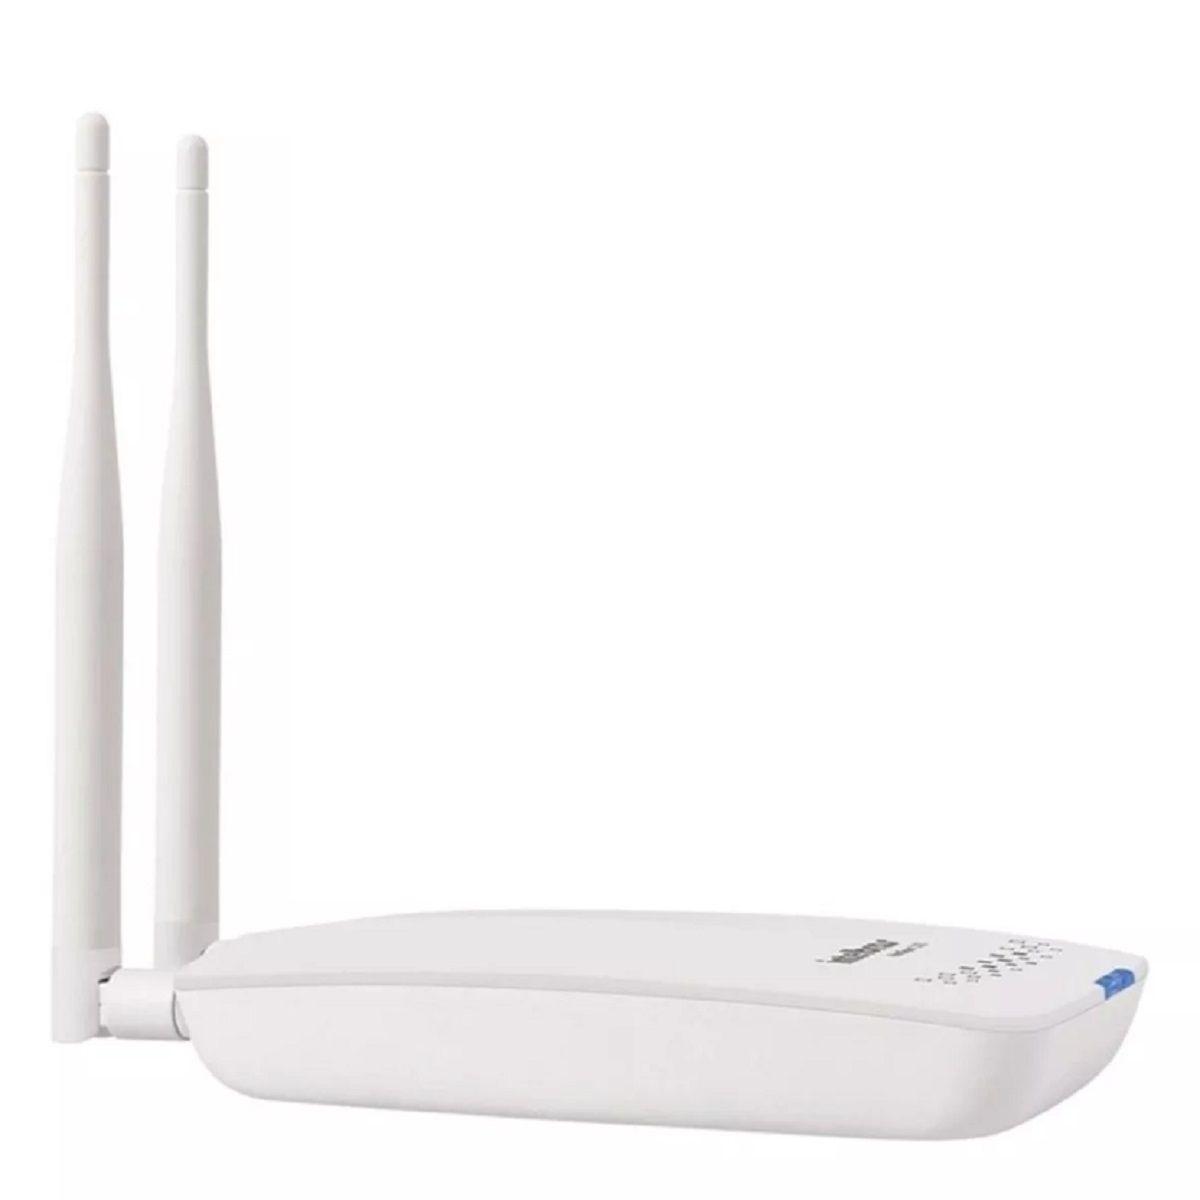 Roteador Hot Spot Wifi Intelbras 300 Checkin Facebook